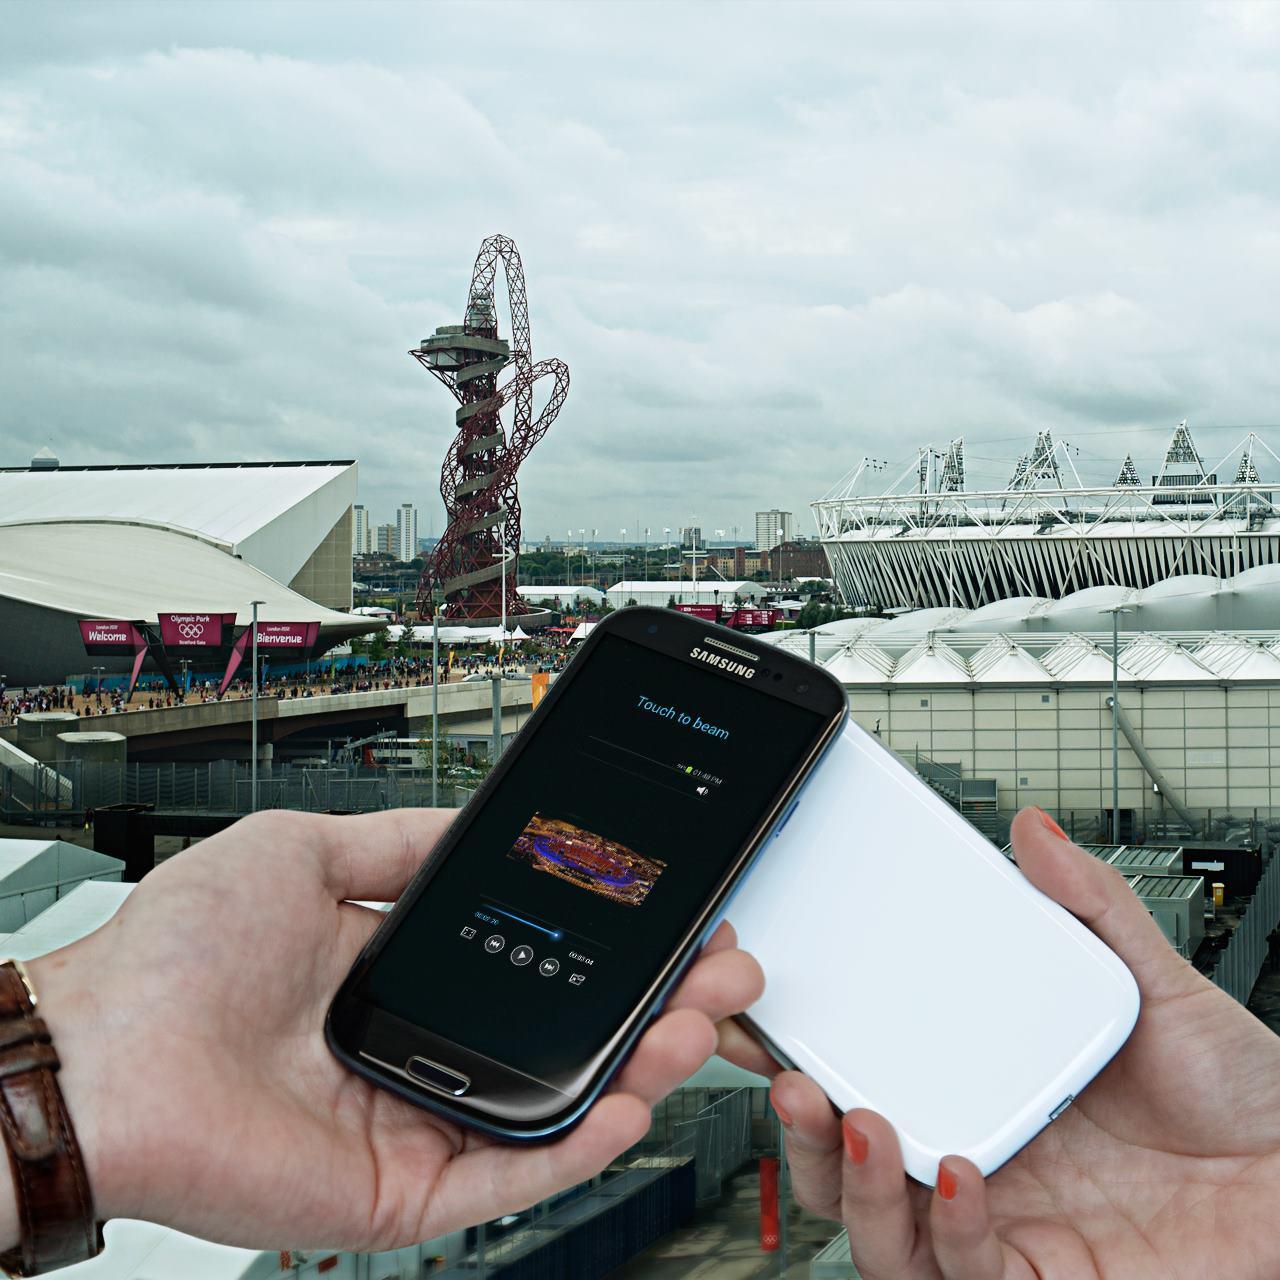 Samsung Galaxy S3 (SIII) Black Edition